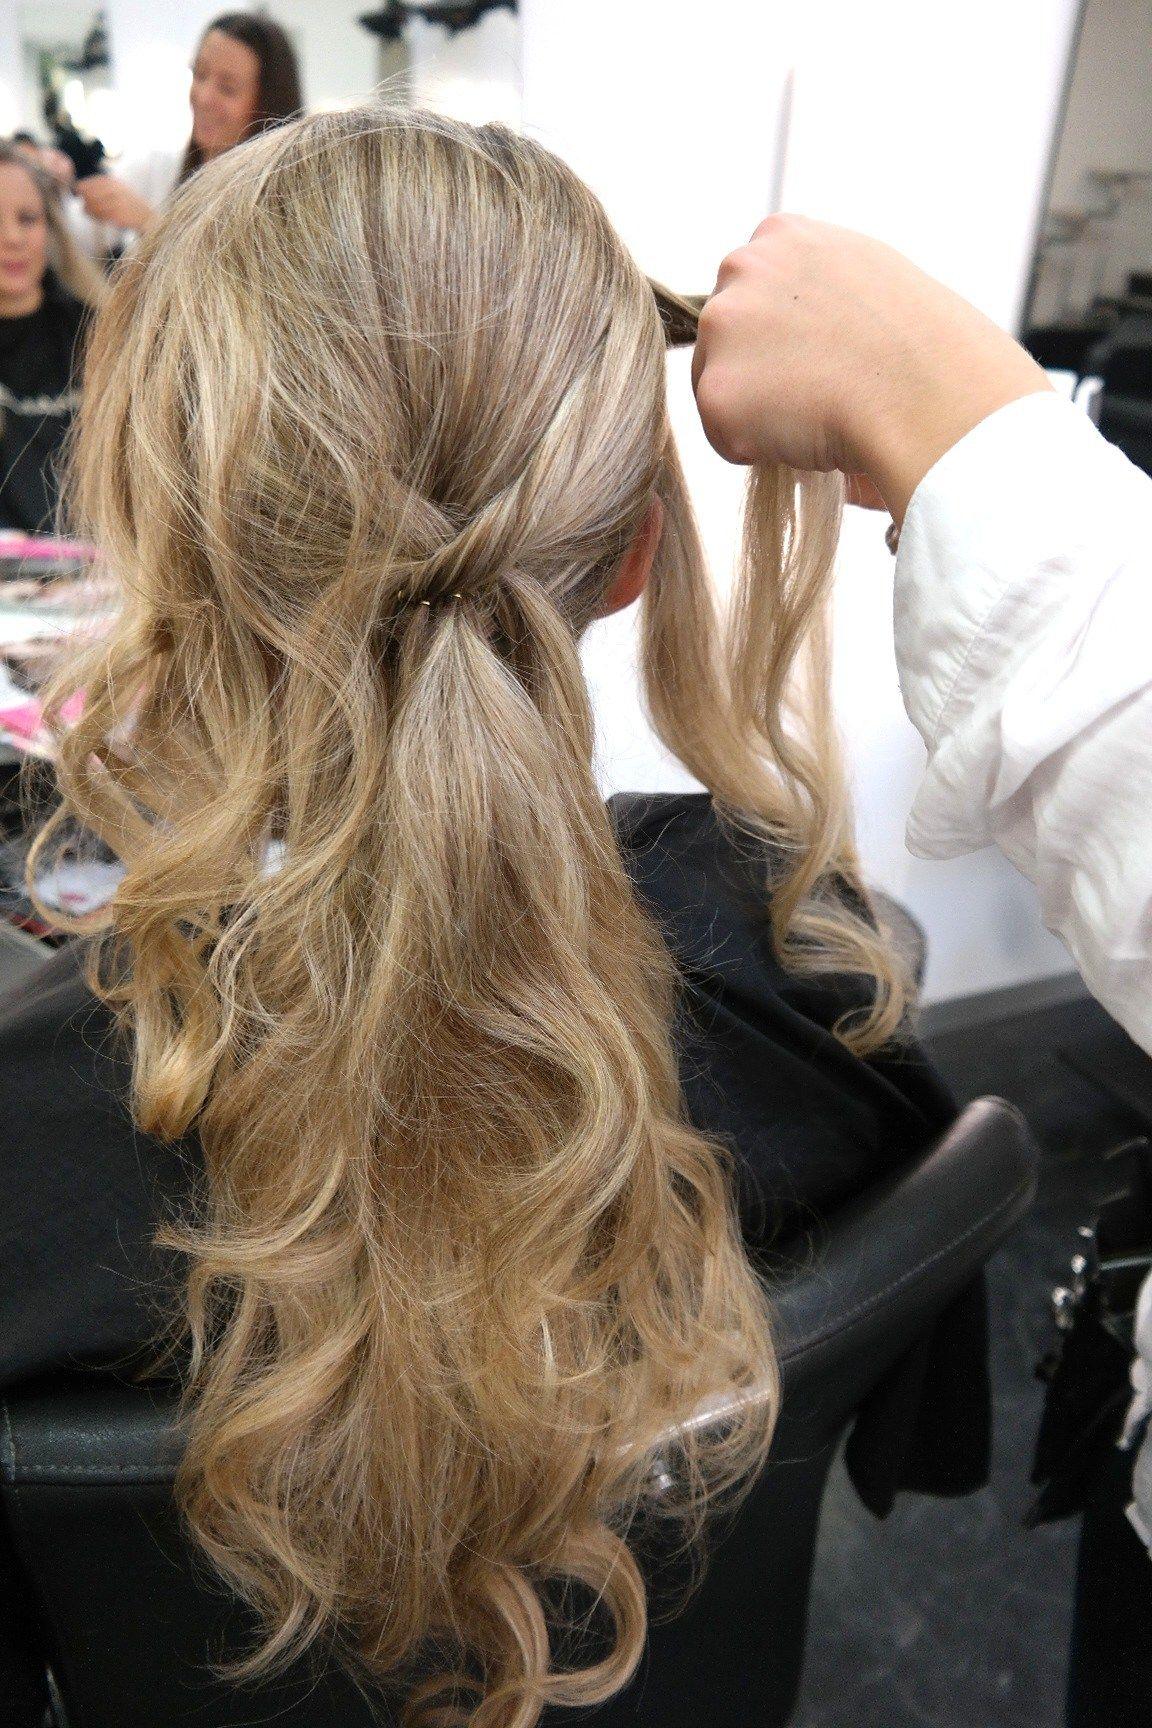 Frisch Frisuren Halboffen Glatte Haare  Finden Sie die beste Frisur Inspiration hier